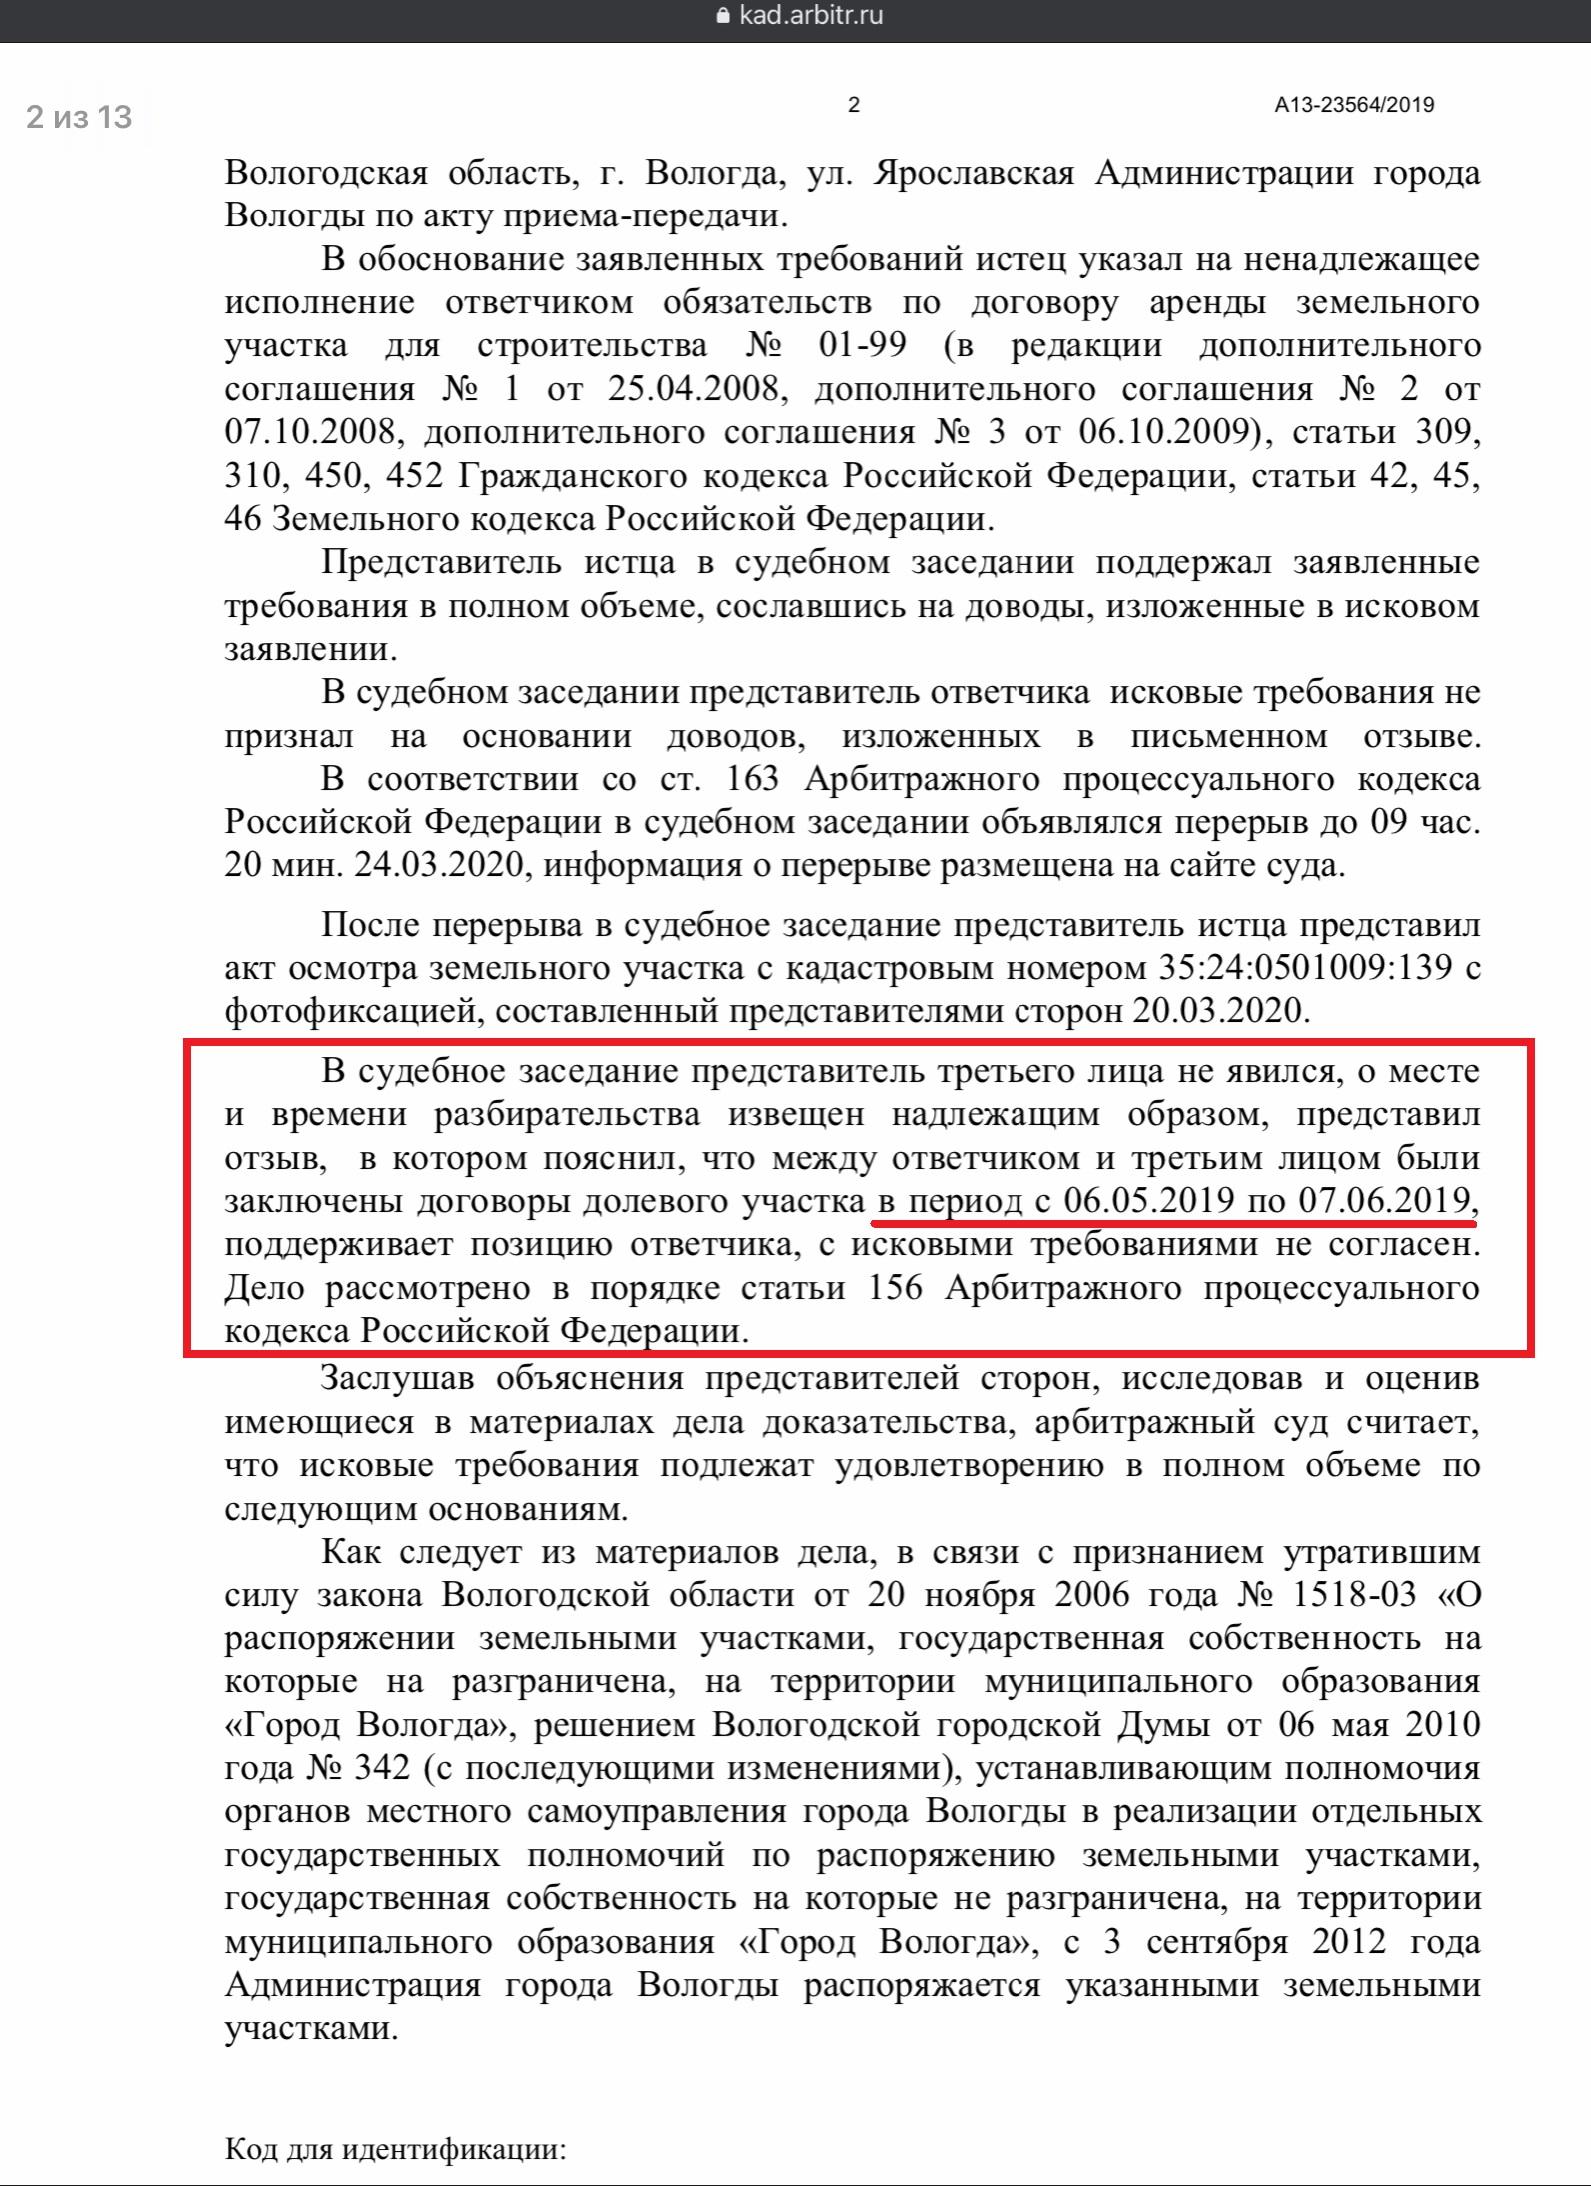 ЗАО Горстройзаказчик Вологда и участок в Бывалово (24).PNG